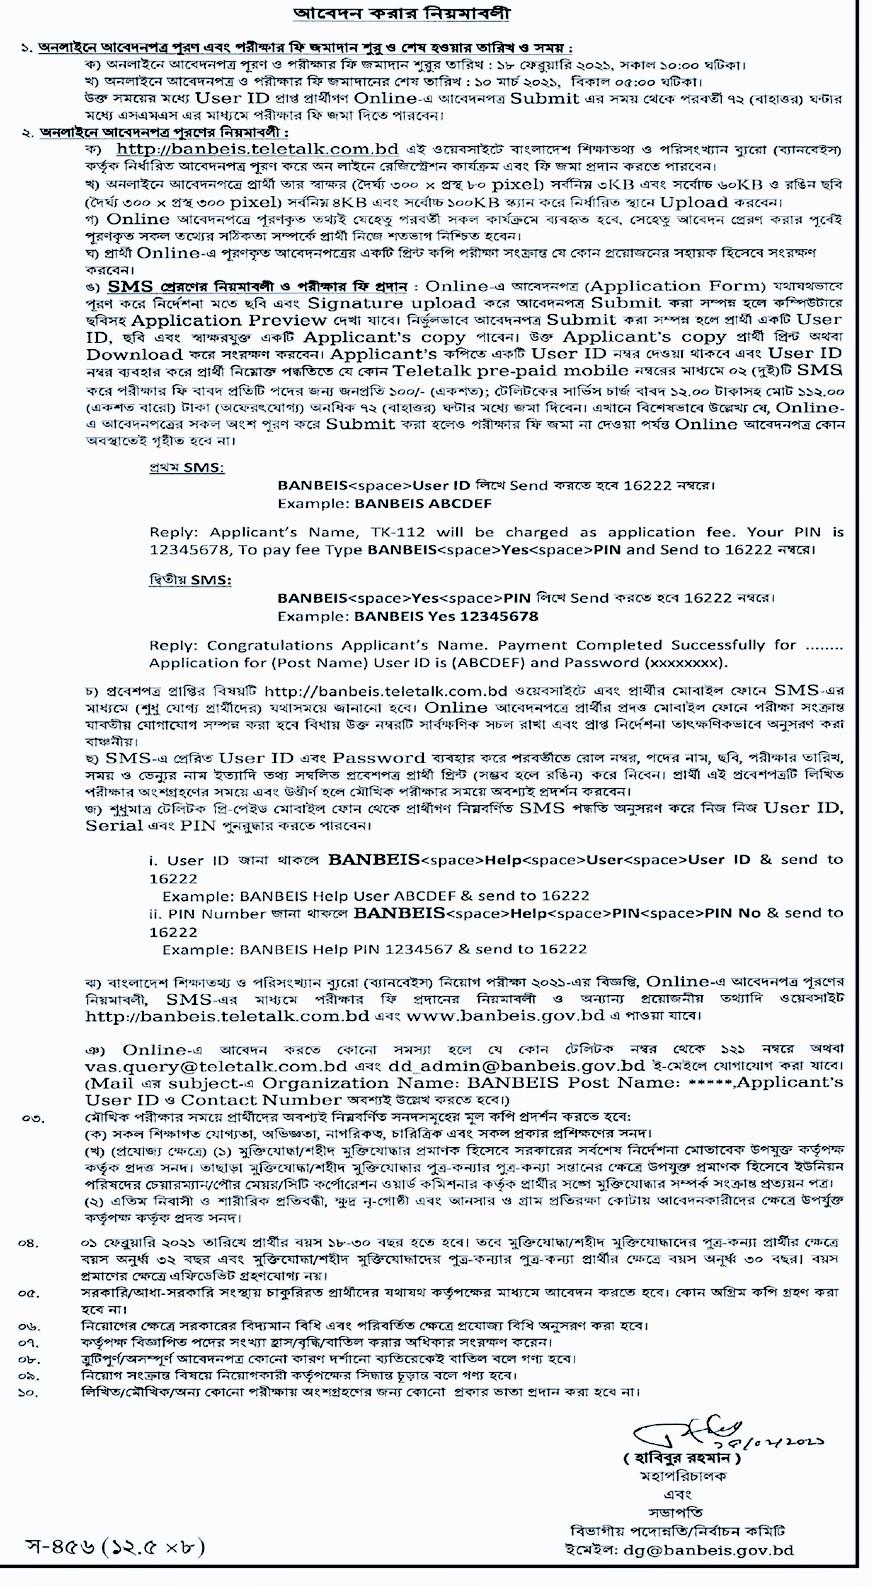 শিক্ষা মন্ত্রণালয় নিয়োগ বিজ্ঞপ্তি ২০২১